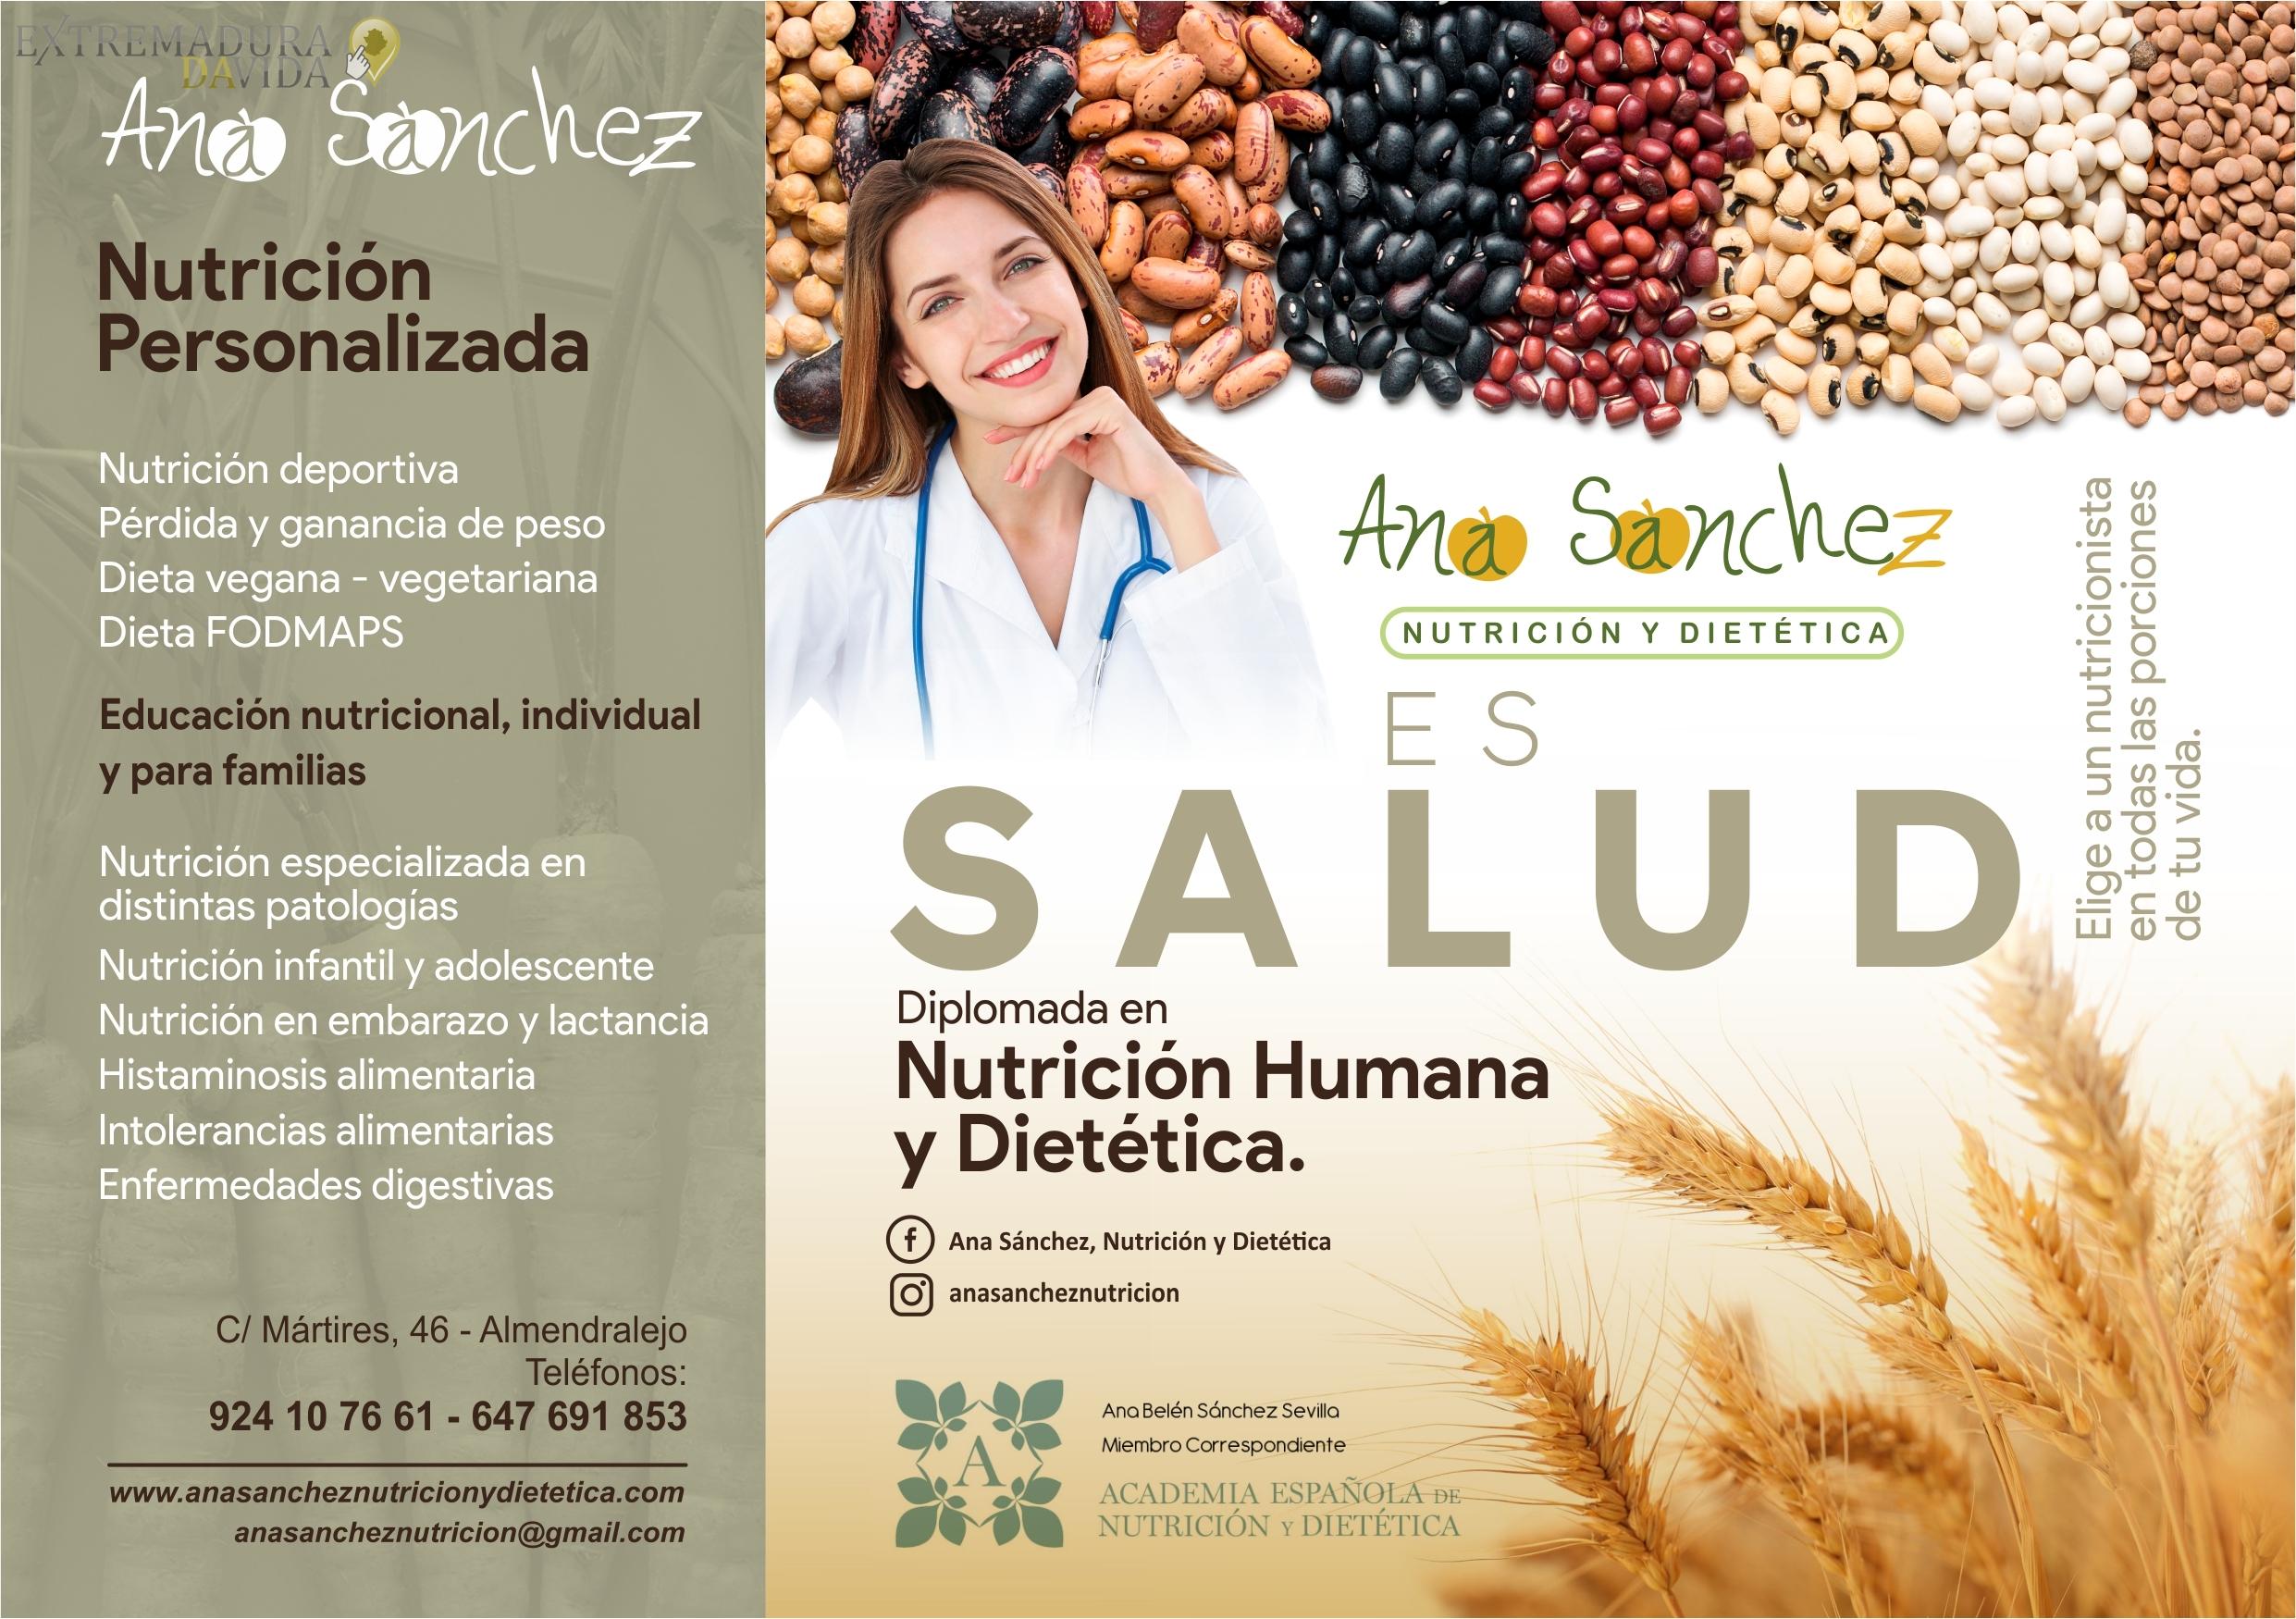 Nutrición personalizada en Almendralejo Ana Sánchez